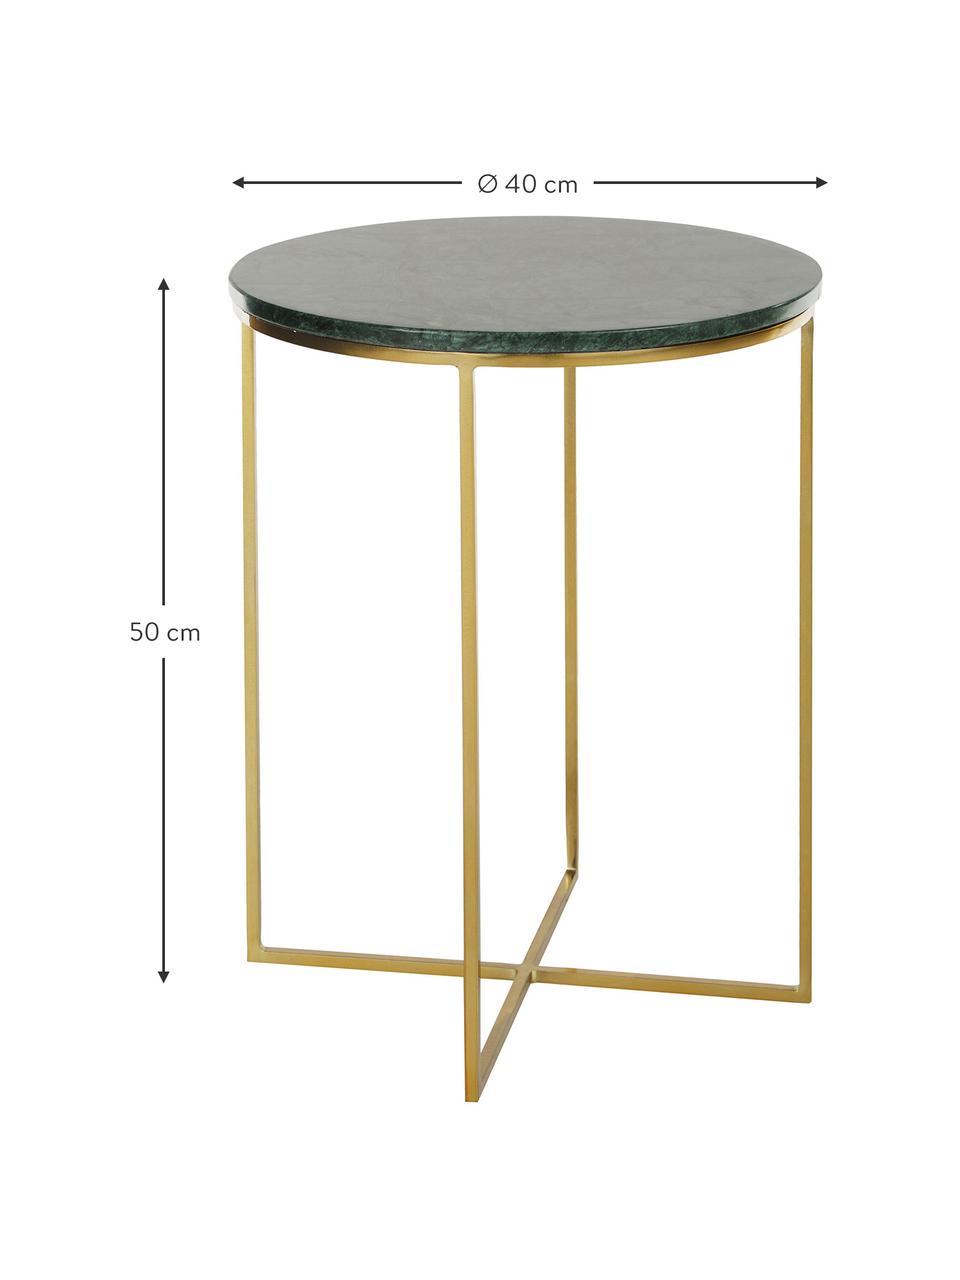 Runder Marmor-Beistelltisch Alys, Tischplatte: Marmor, Gestell: Metall, pulverbeschichtet, Grüner Marmor, Goldfarben, Ø 40 x H 50 cm